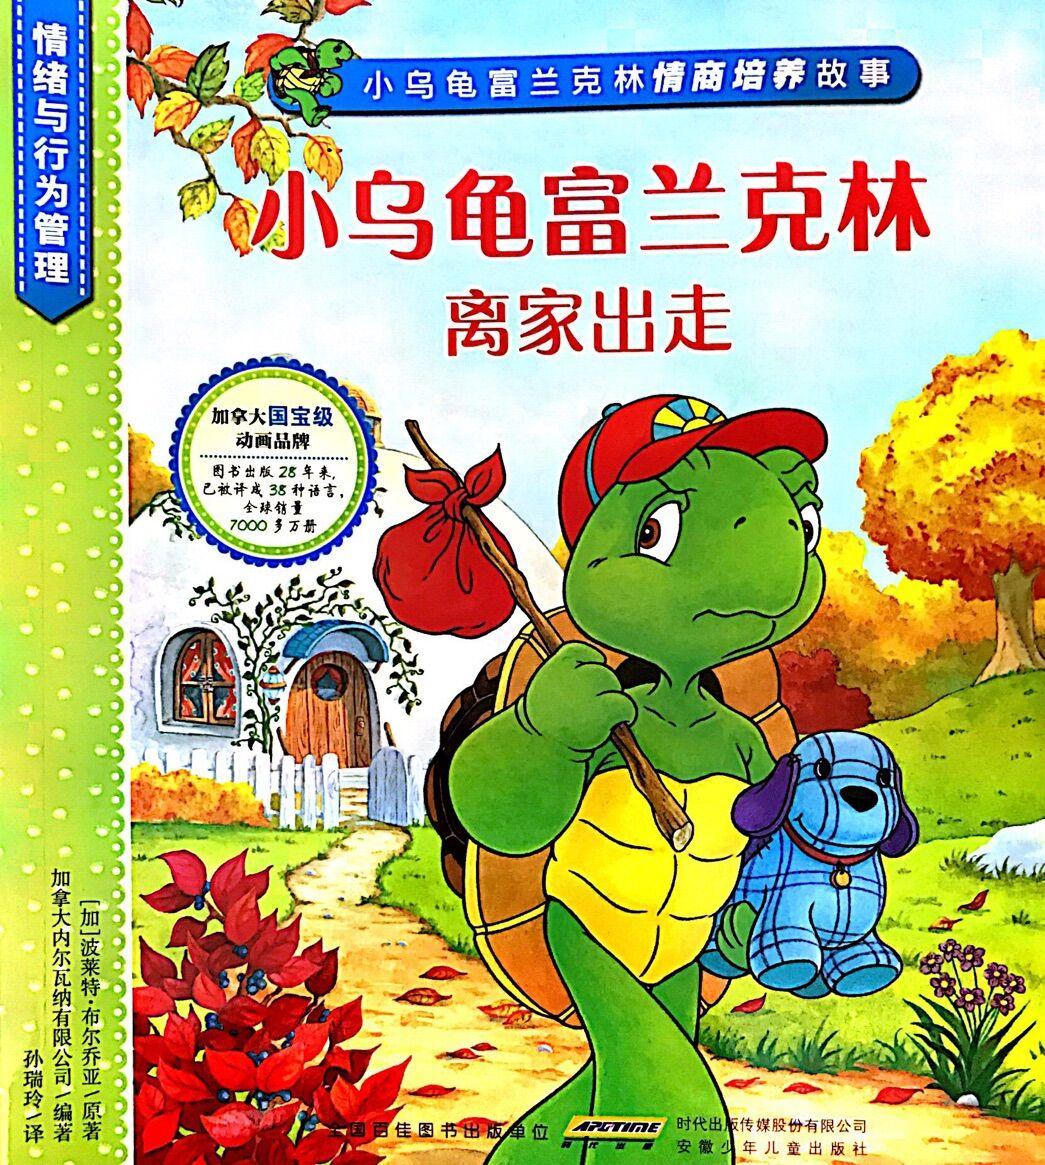 小乌龟富兰克林情商培养故事·情绪与行为管理:小乌龟富兰克林离家出走